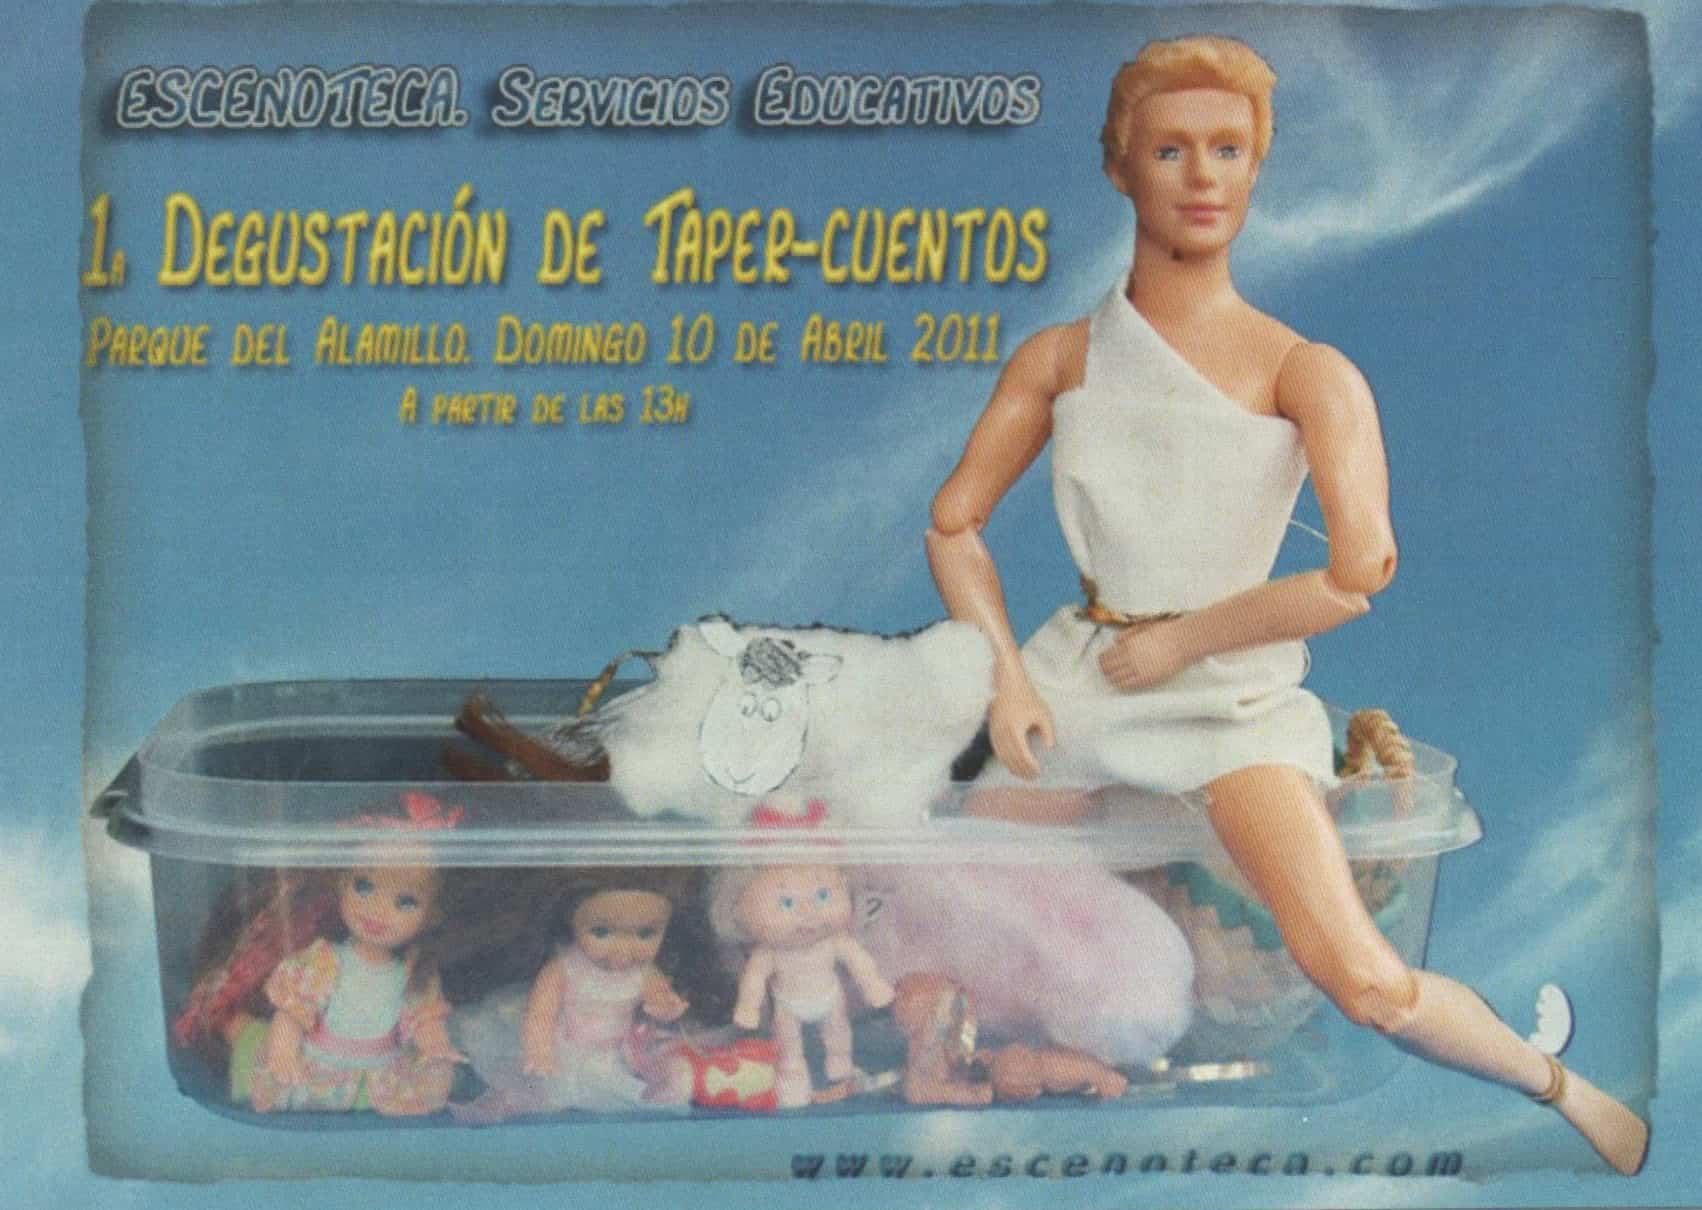 Degustación de tapercuentos - Proyectos especiales de Escenoteca